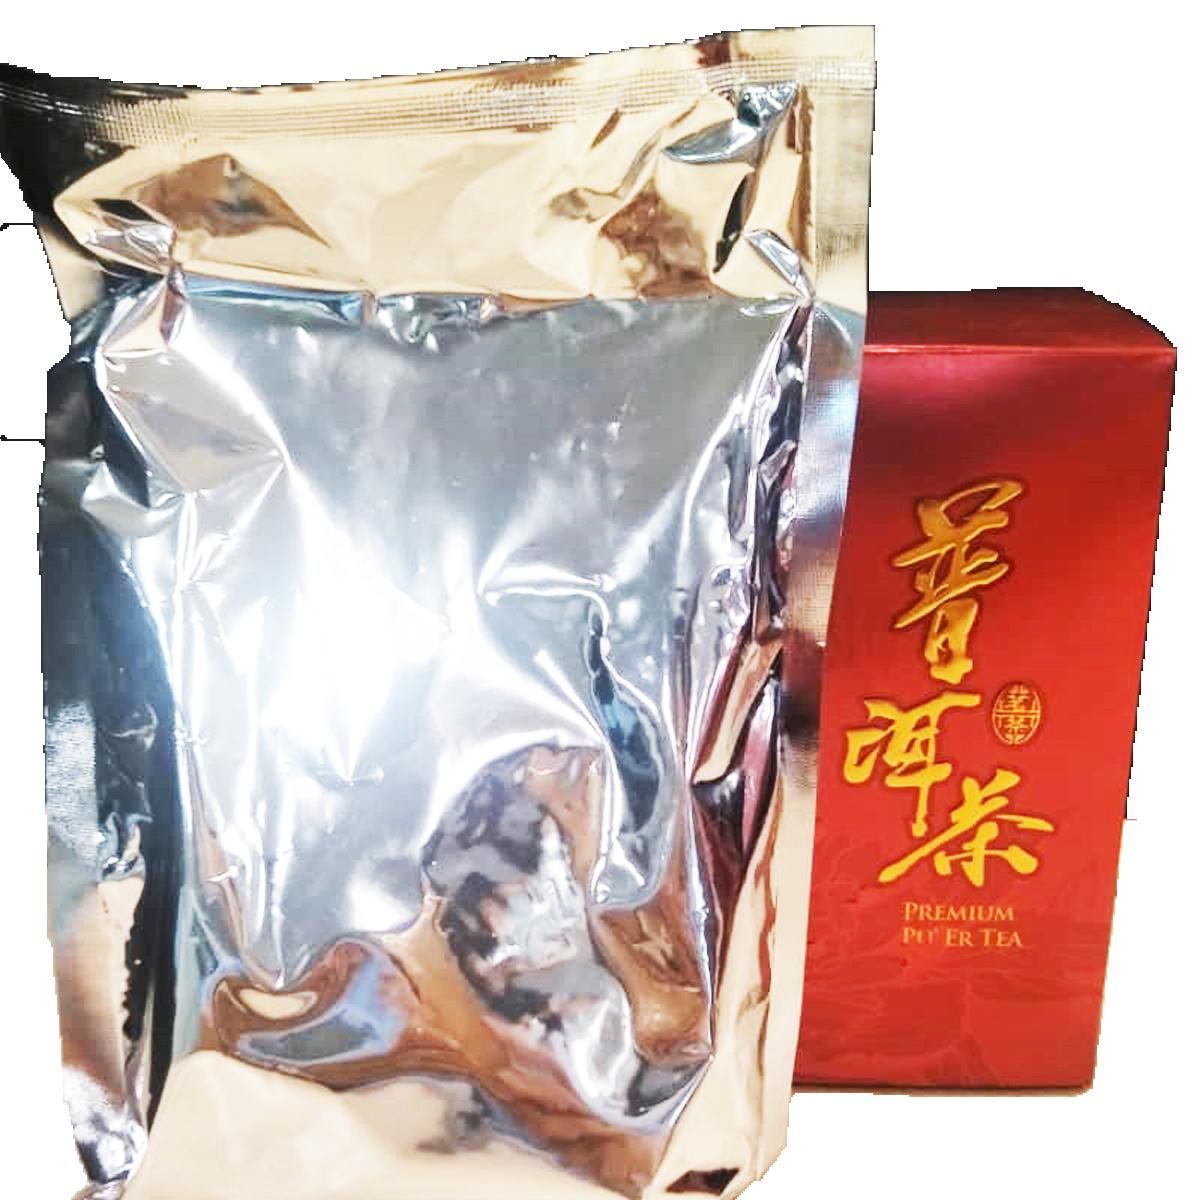 Premium Pu Er Tea (普洱茶) 80g